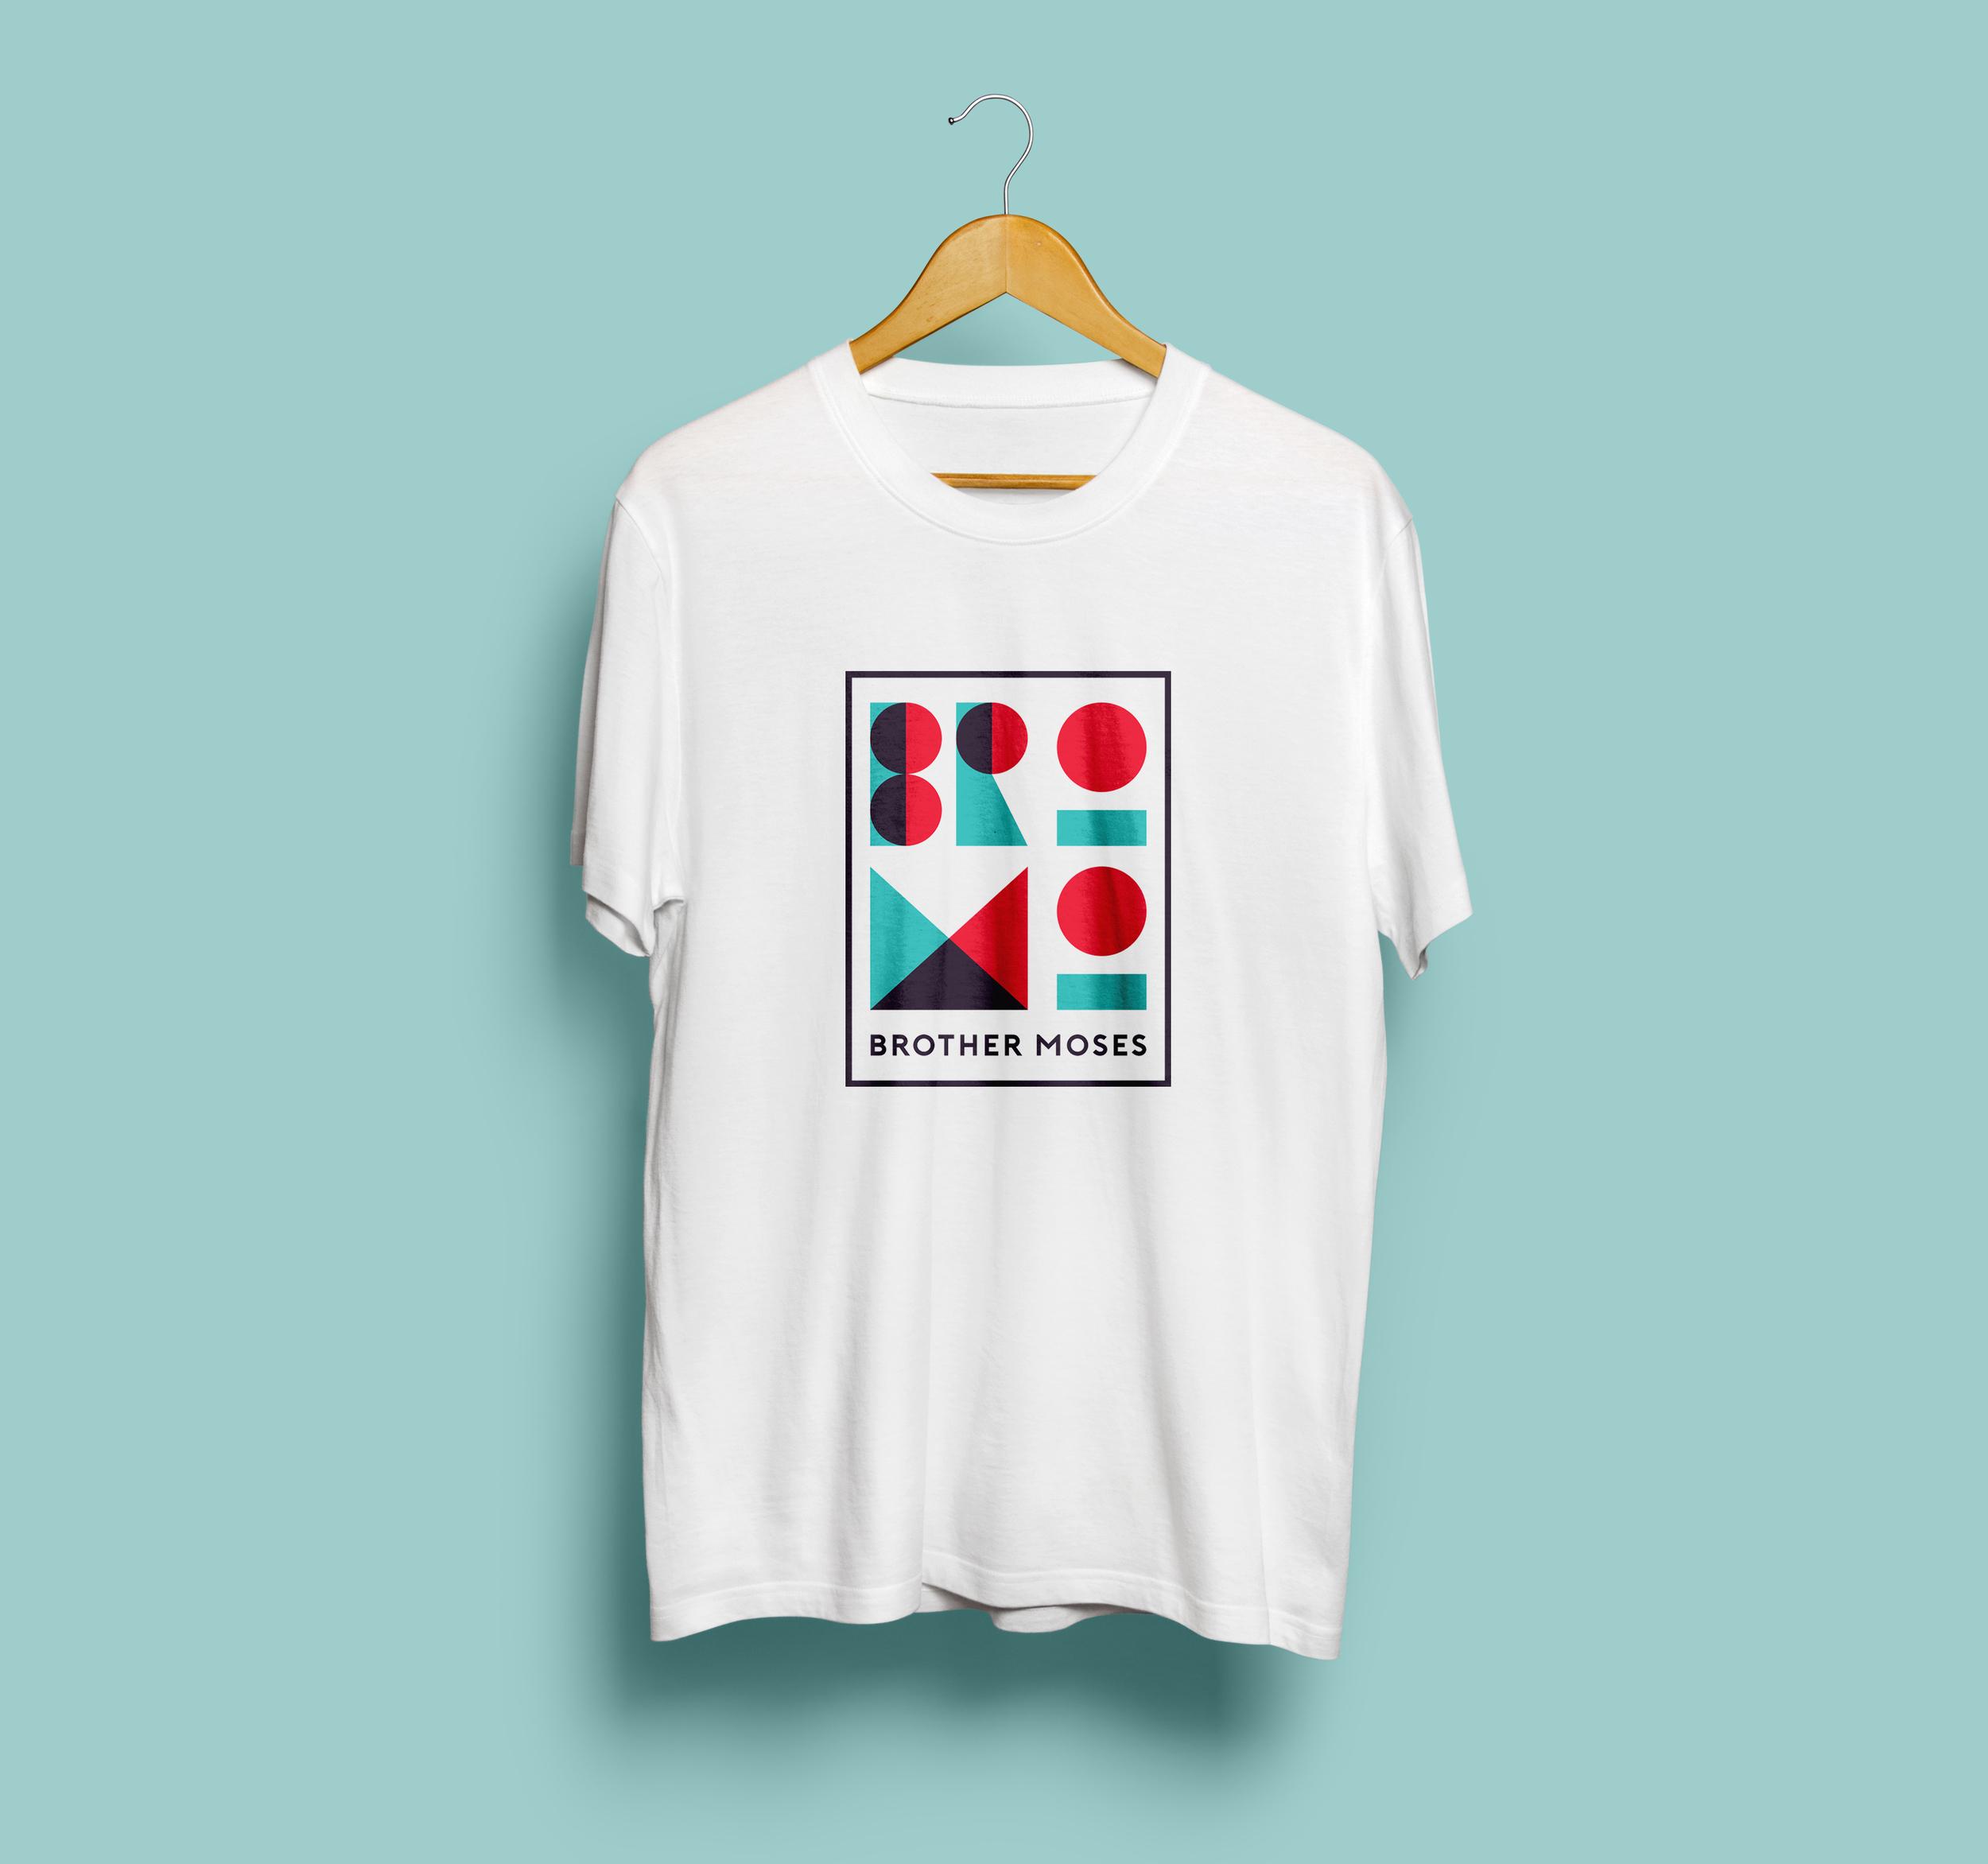 BROMO Shirt Mockup.jpg